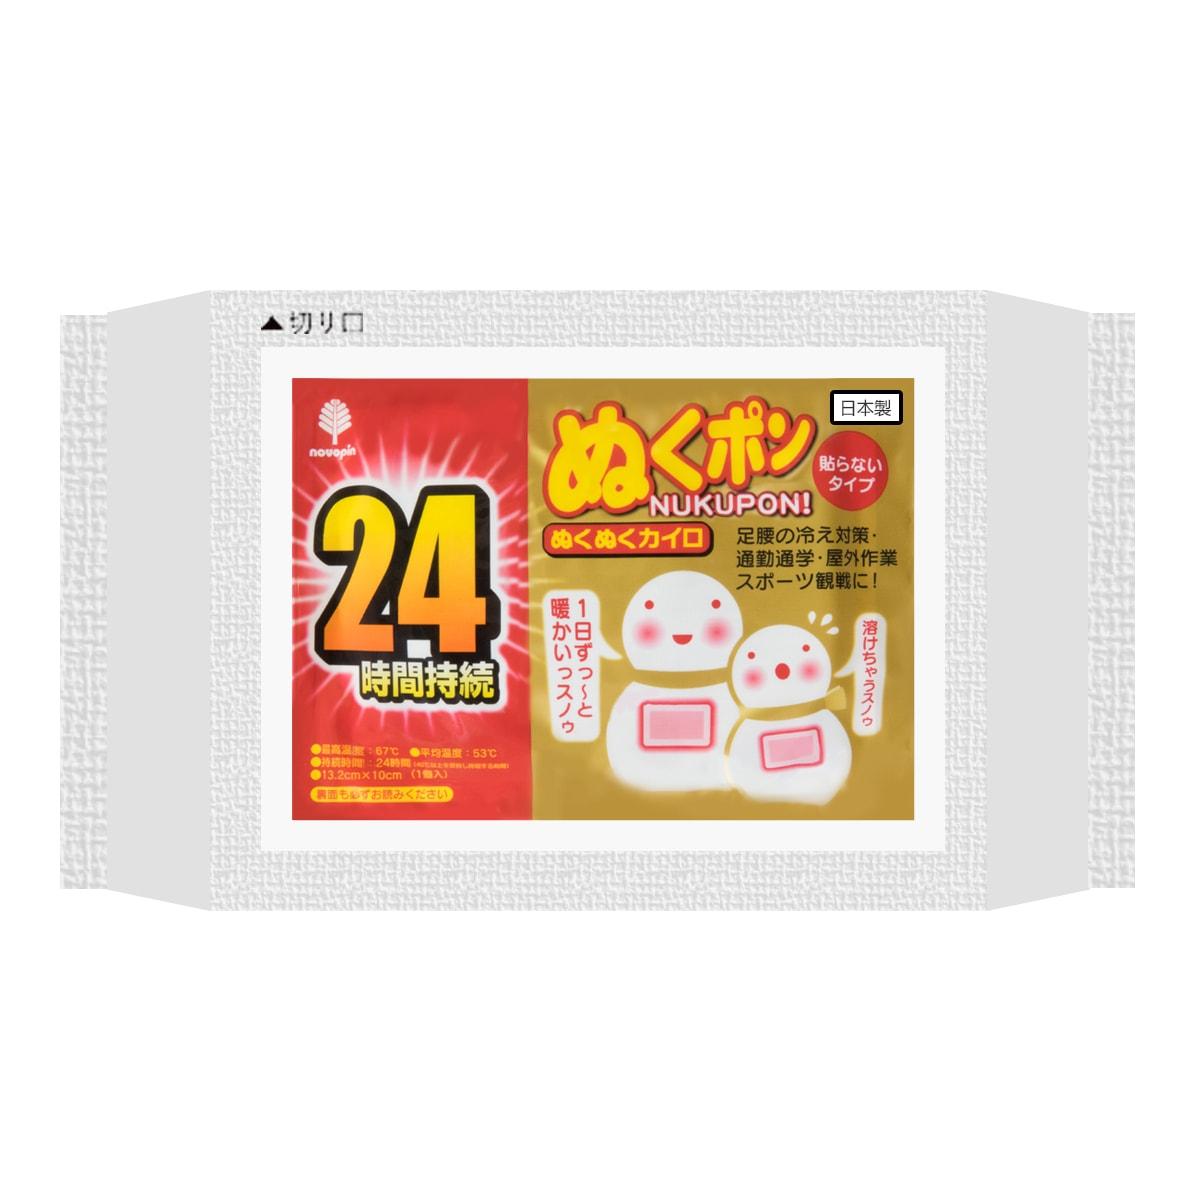 日本KOKUBO小久保 NUKUPON 持续24小时不可贴暖宝宝组 10枚入